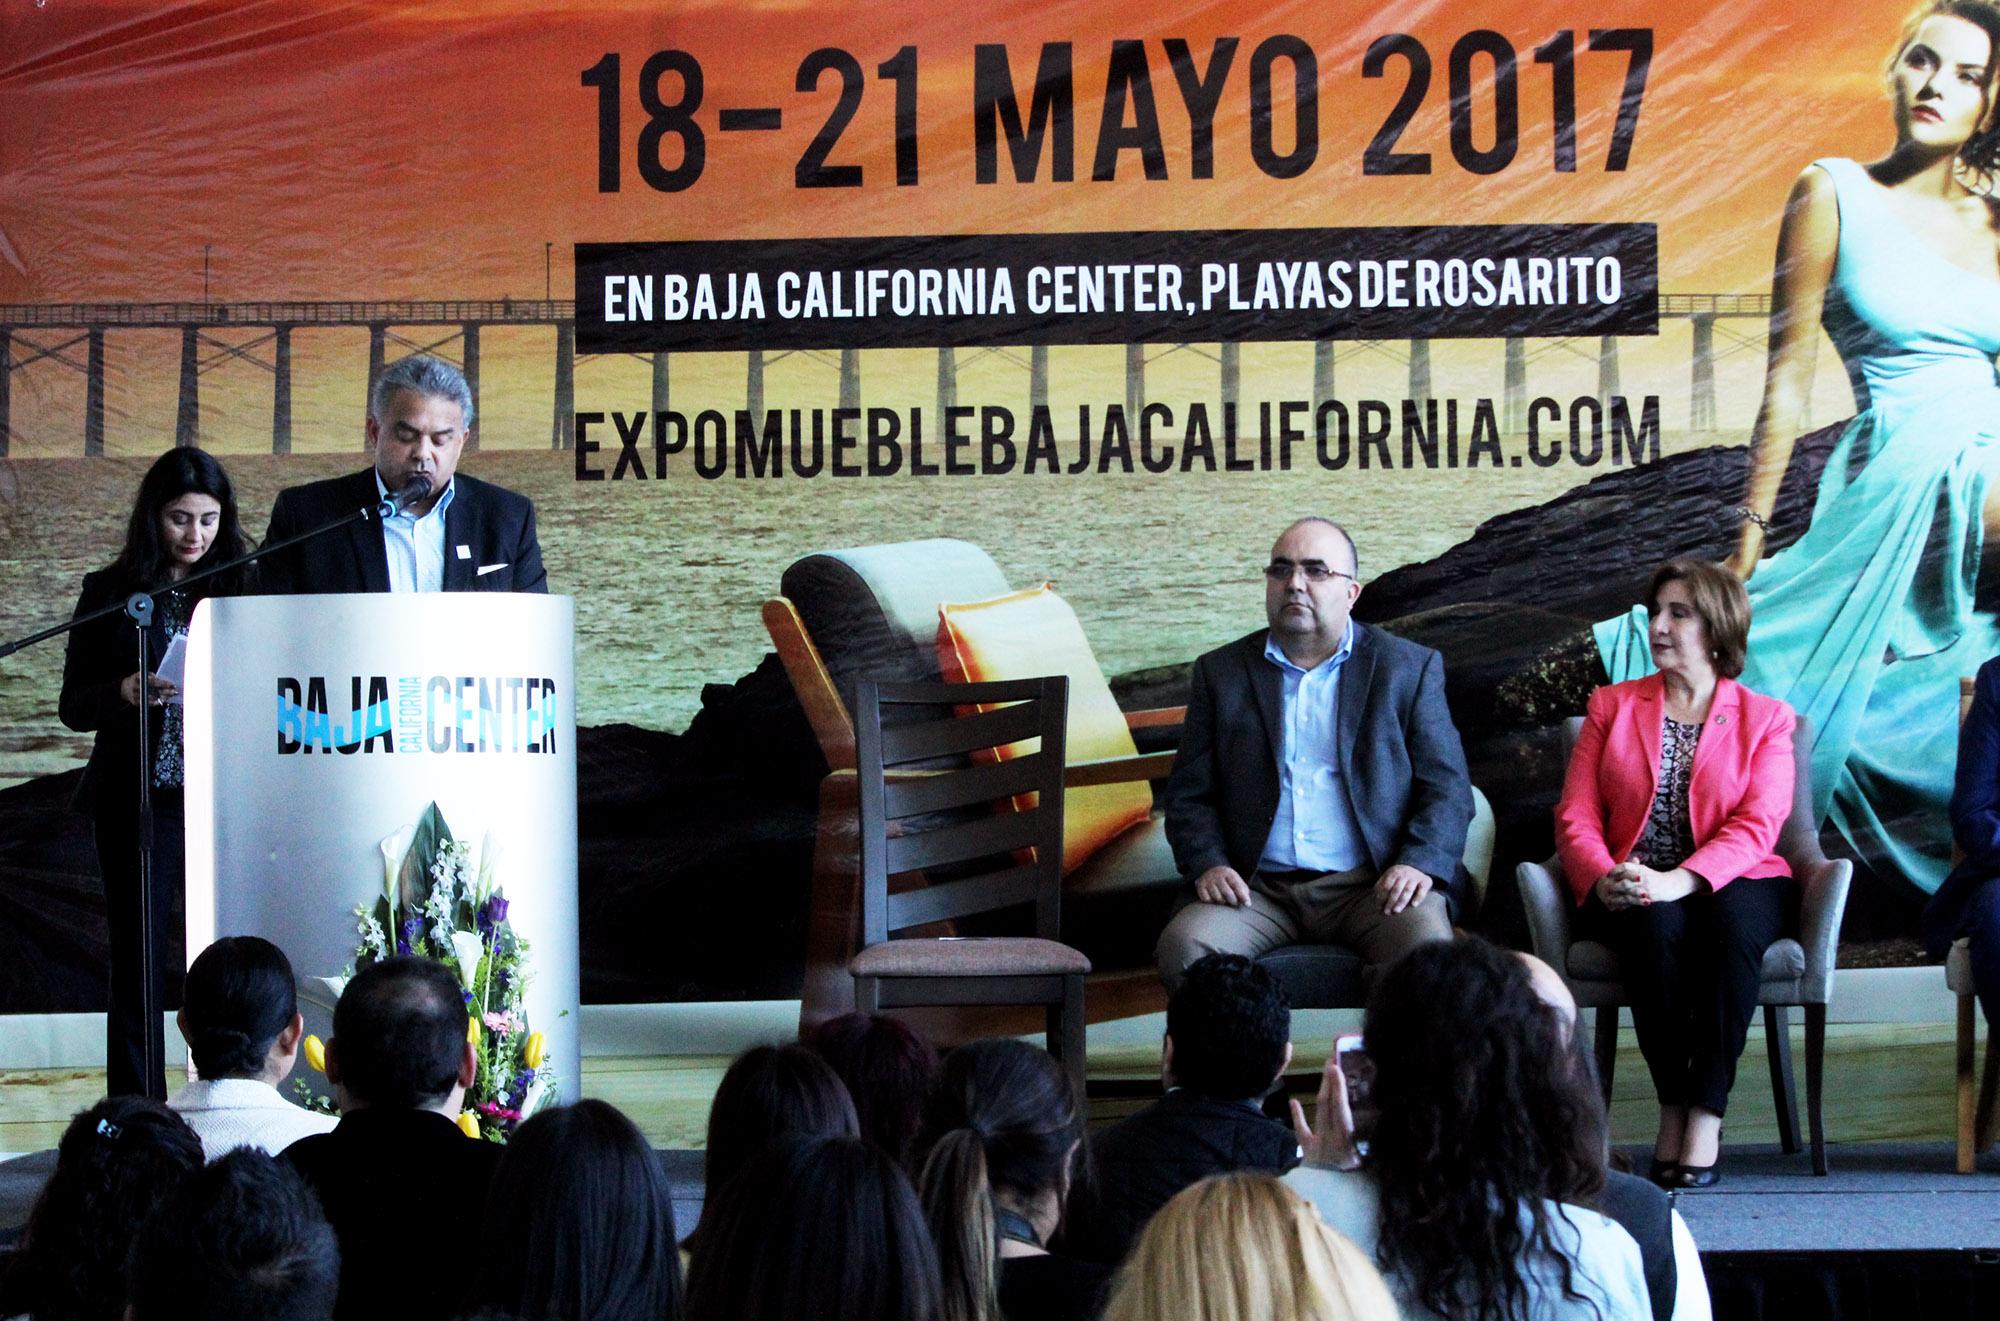 Rosarito Es La Capital Del Mueble En Baja California Sandiegored Com # Muebles Rosarito